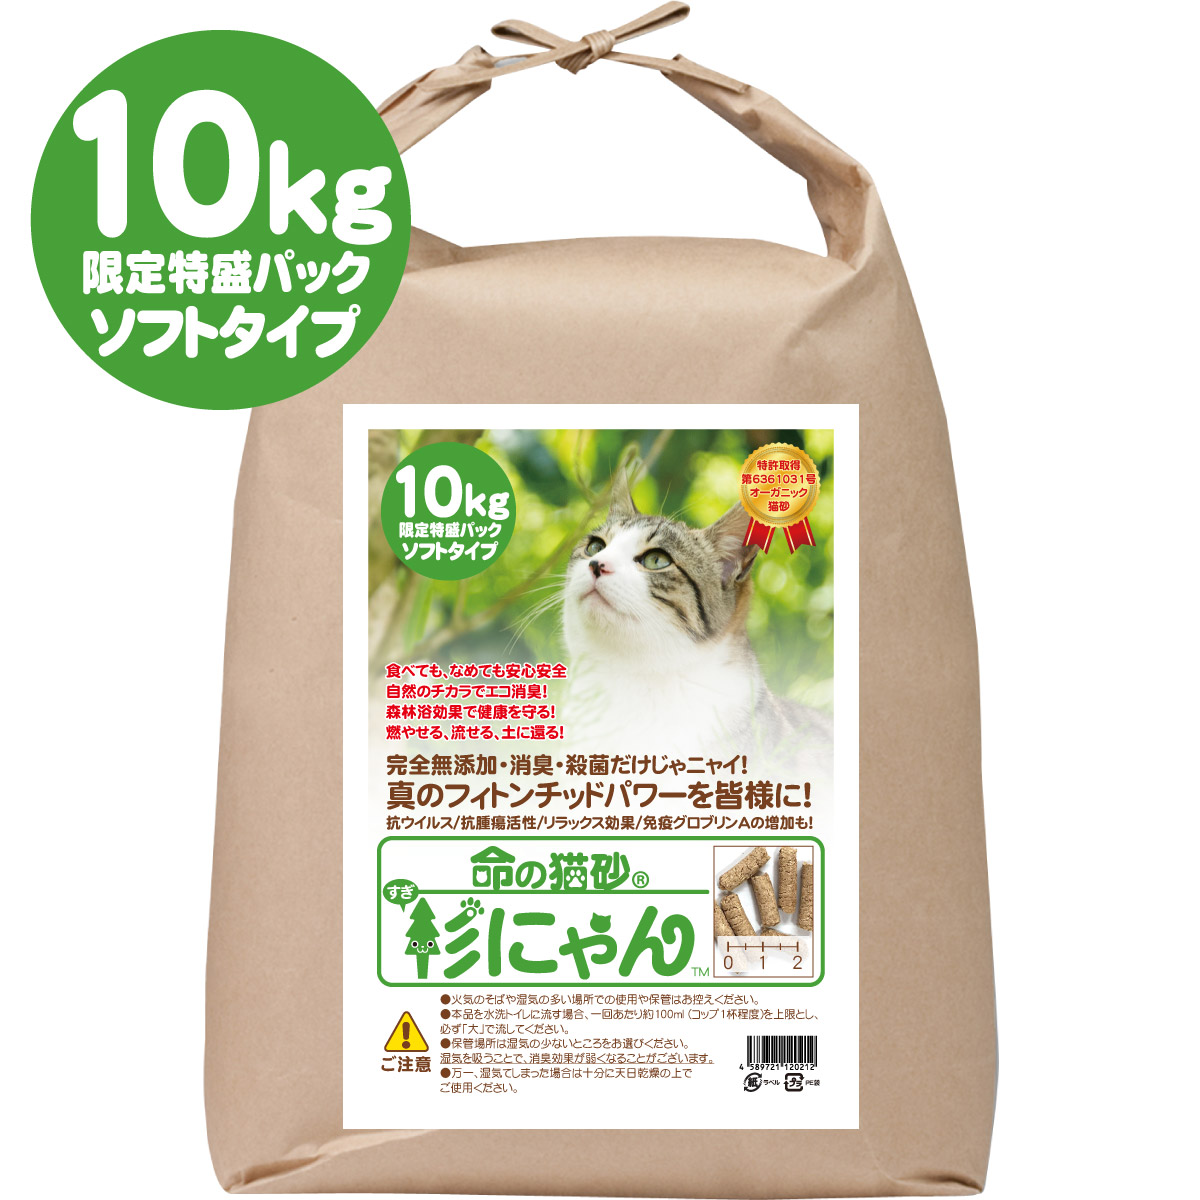 命の猫砂 ソフトタイプ 大盛エコパック 10kg/米袋1袋 簡易包装